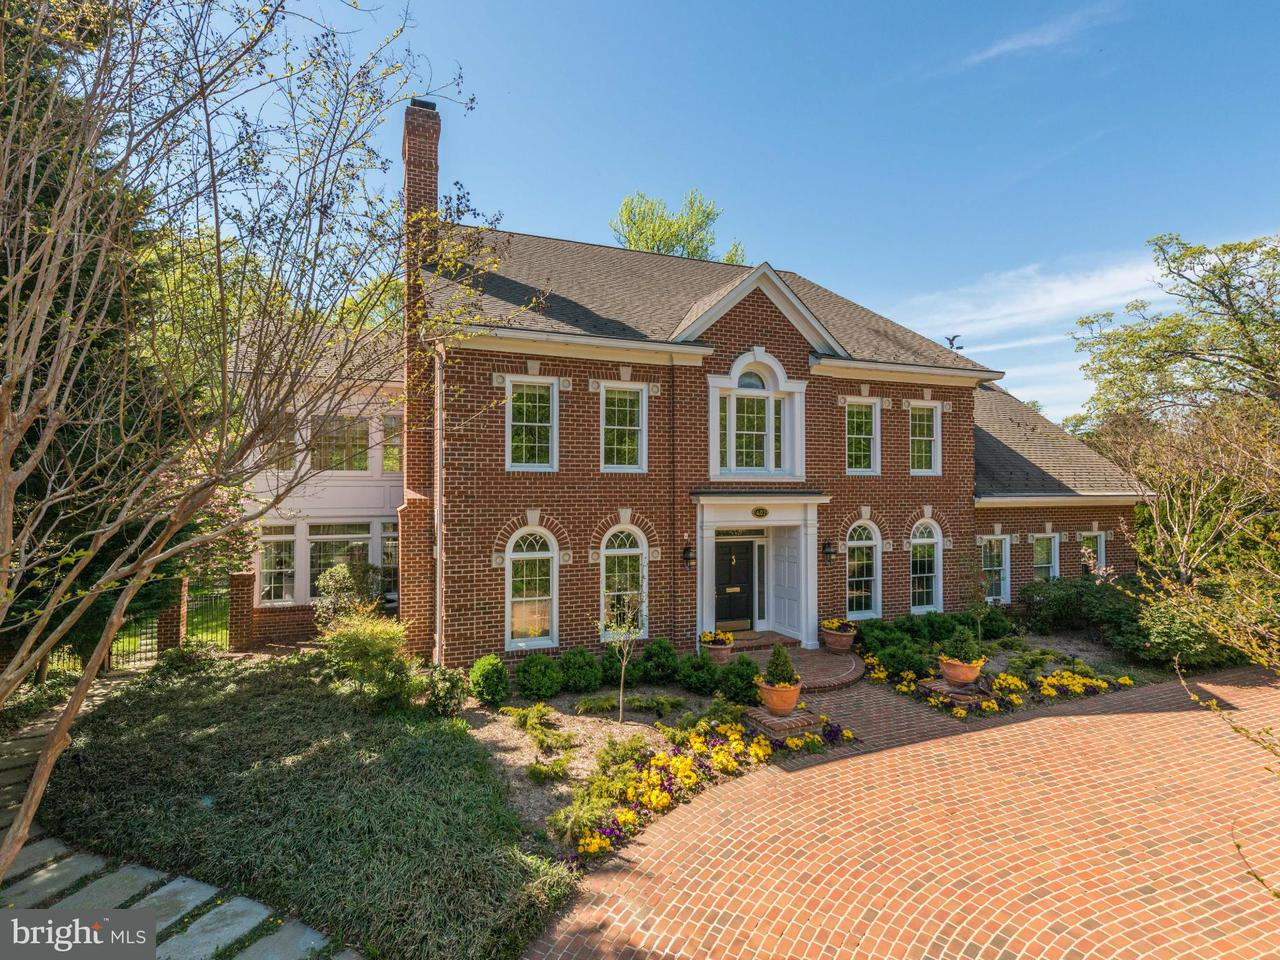 단독 가정 주택 용 매매 에 1402 GREENWOOD Place 1402 GREENWOOD Place Alexandria, 버지니아 22304 미국